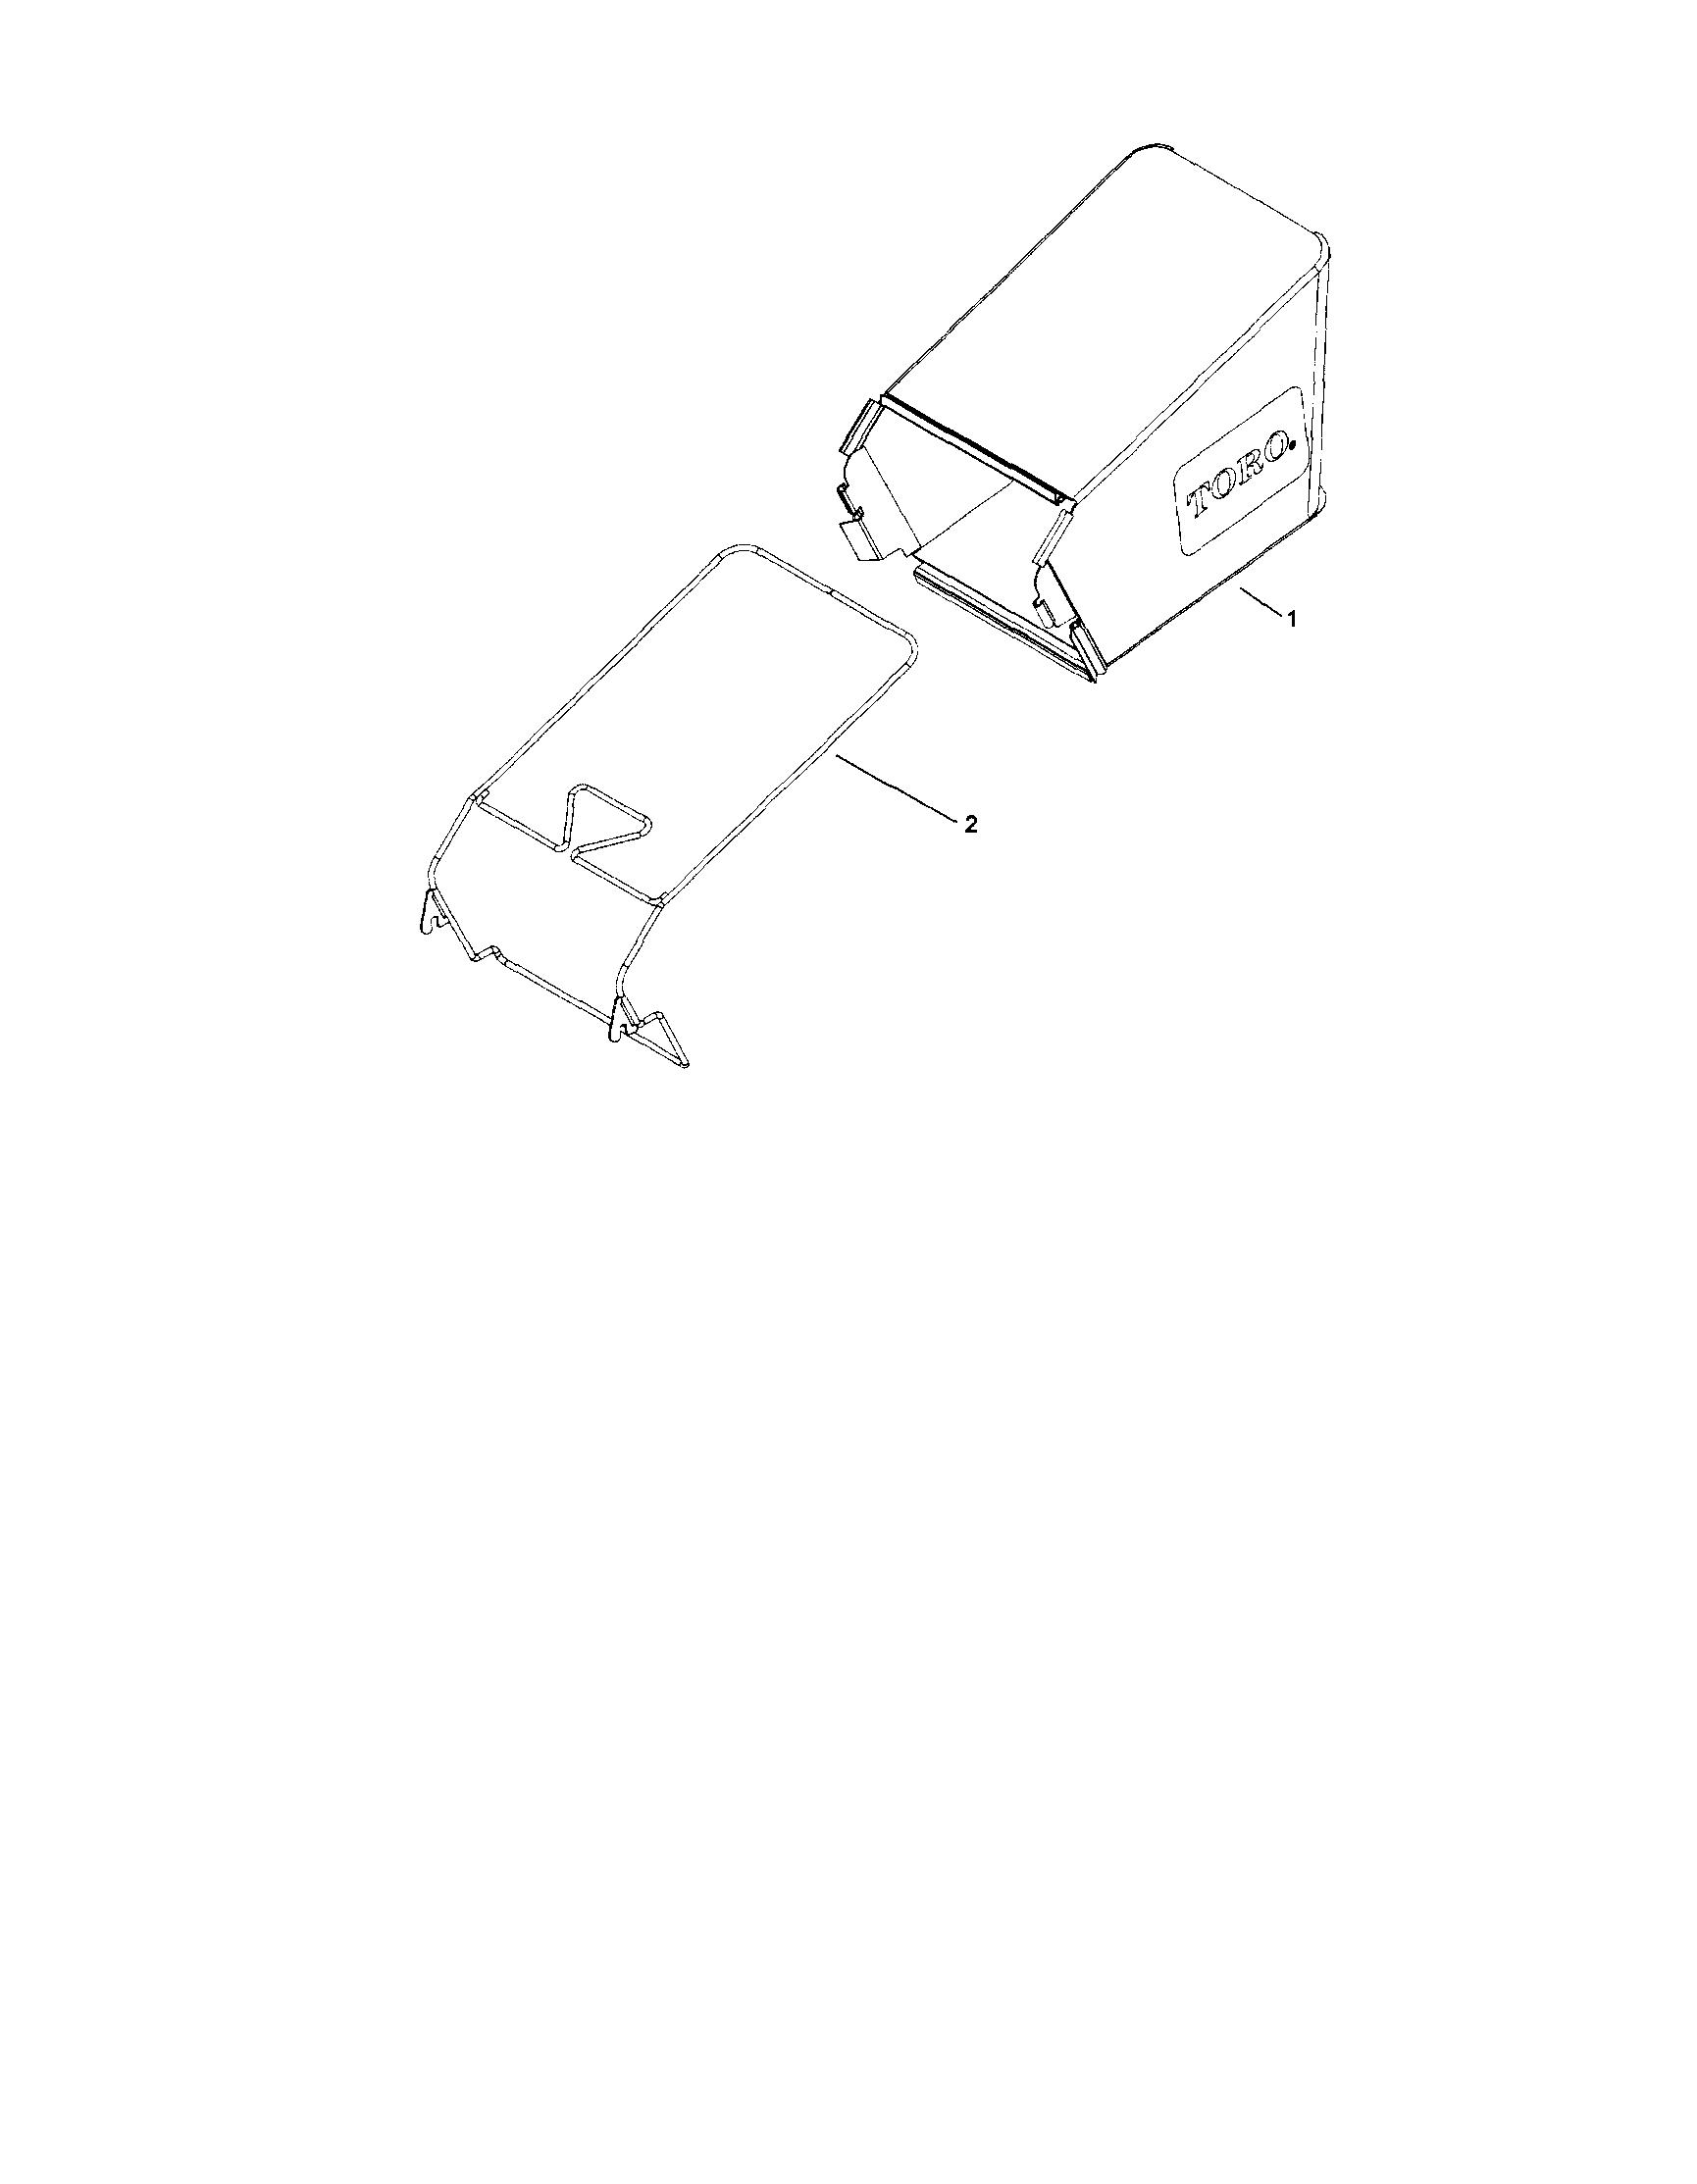 Toro model 20017 walk behind lawnmower, gas genuine parts